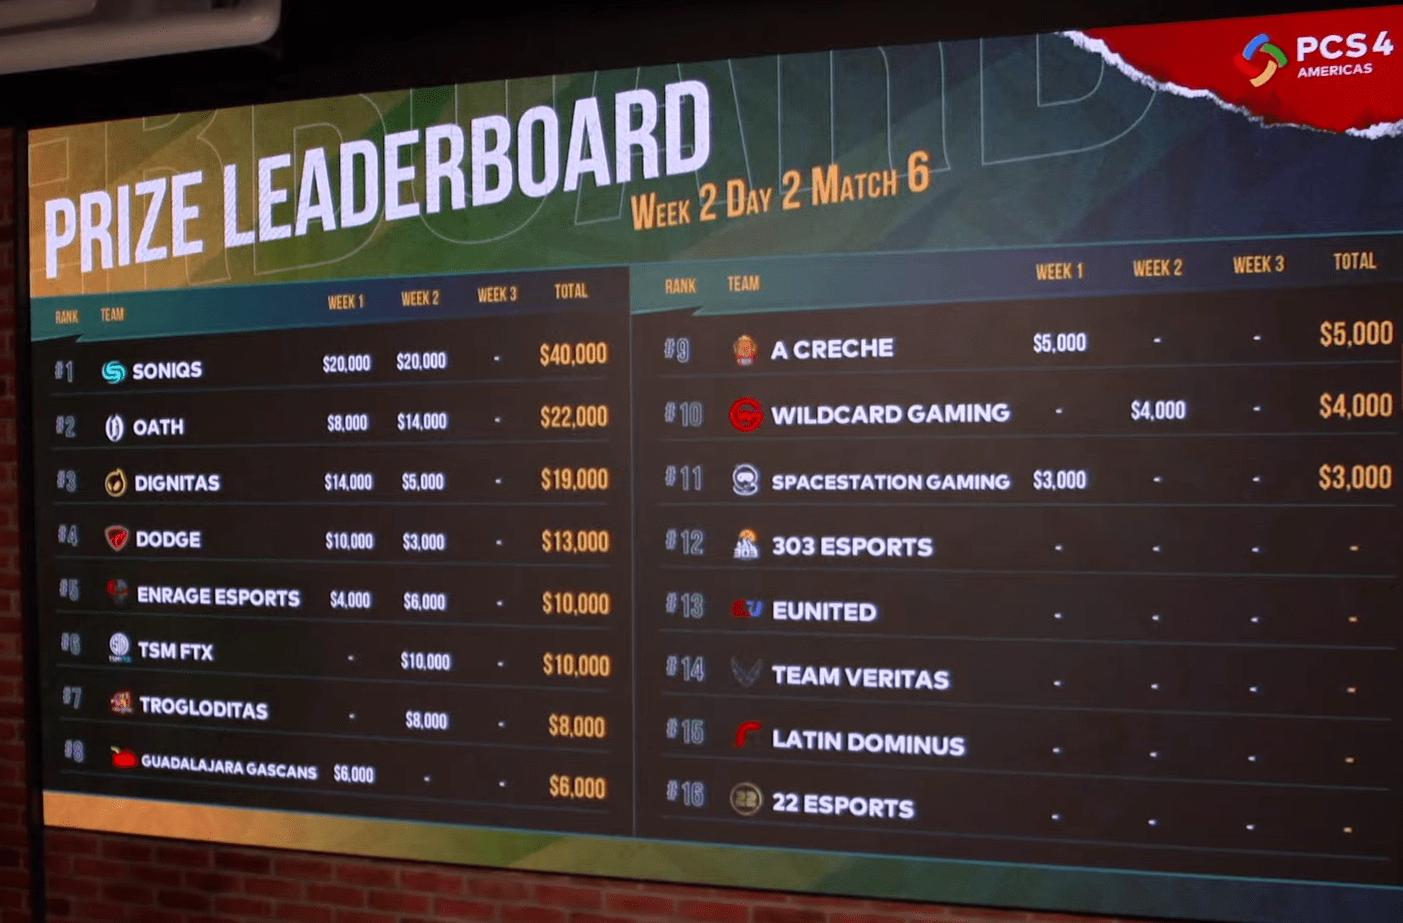 Tabela de classificação geral com os prêmios acumulados pelas equipes nas semanas 1 e 2 da Grande Final da PCS4 Américas